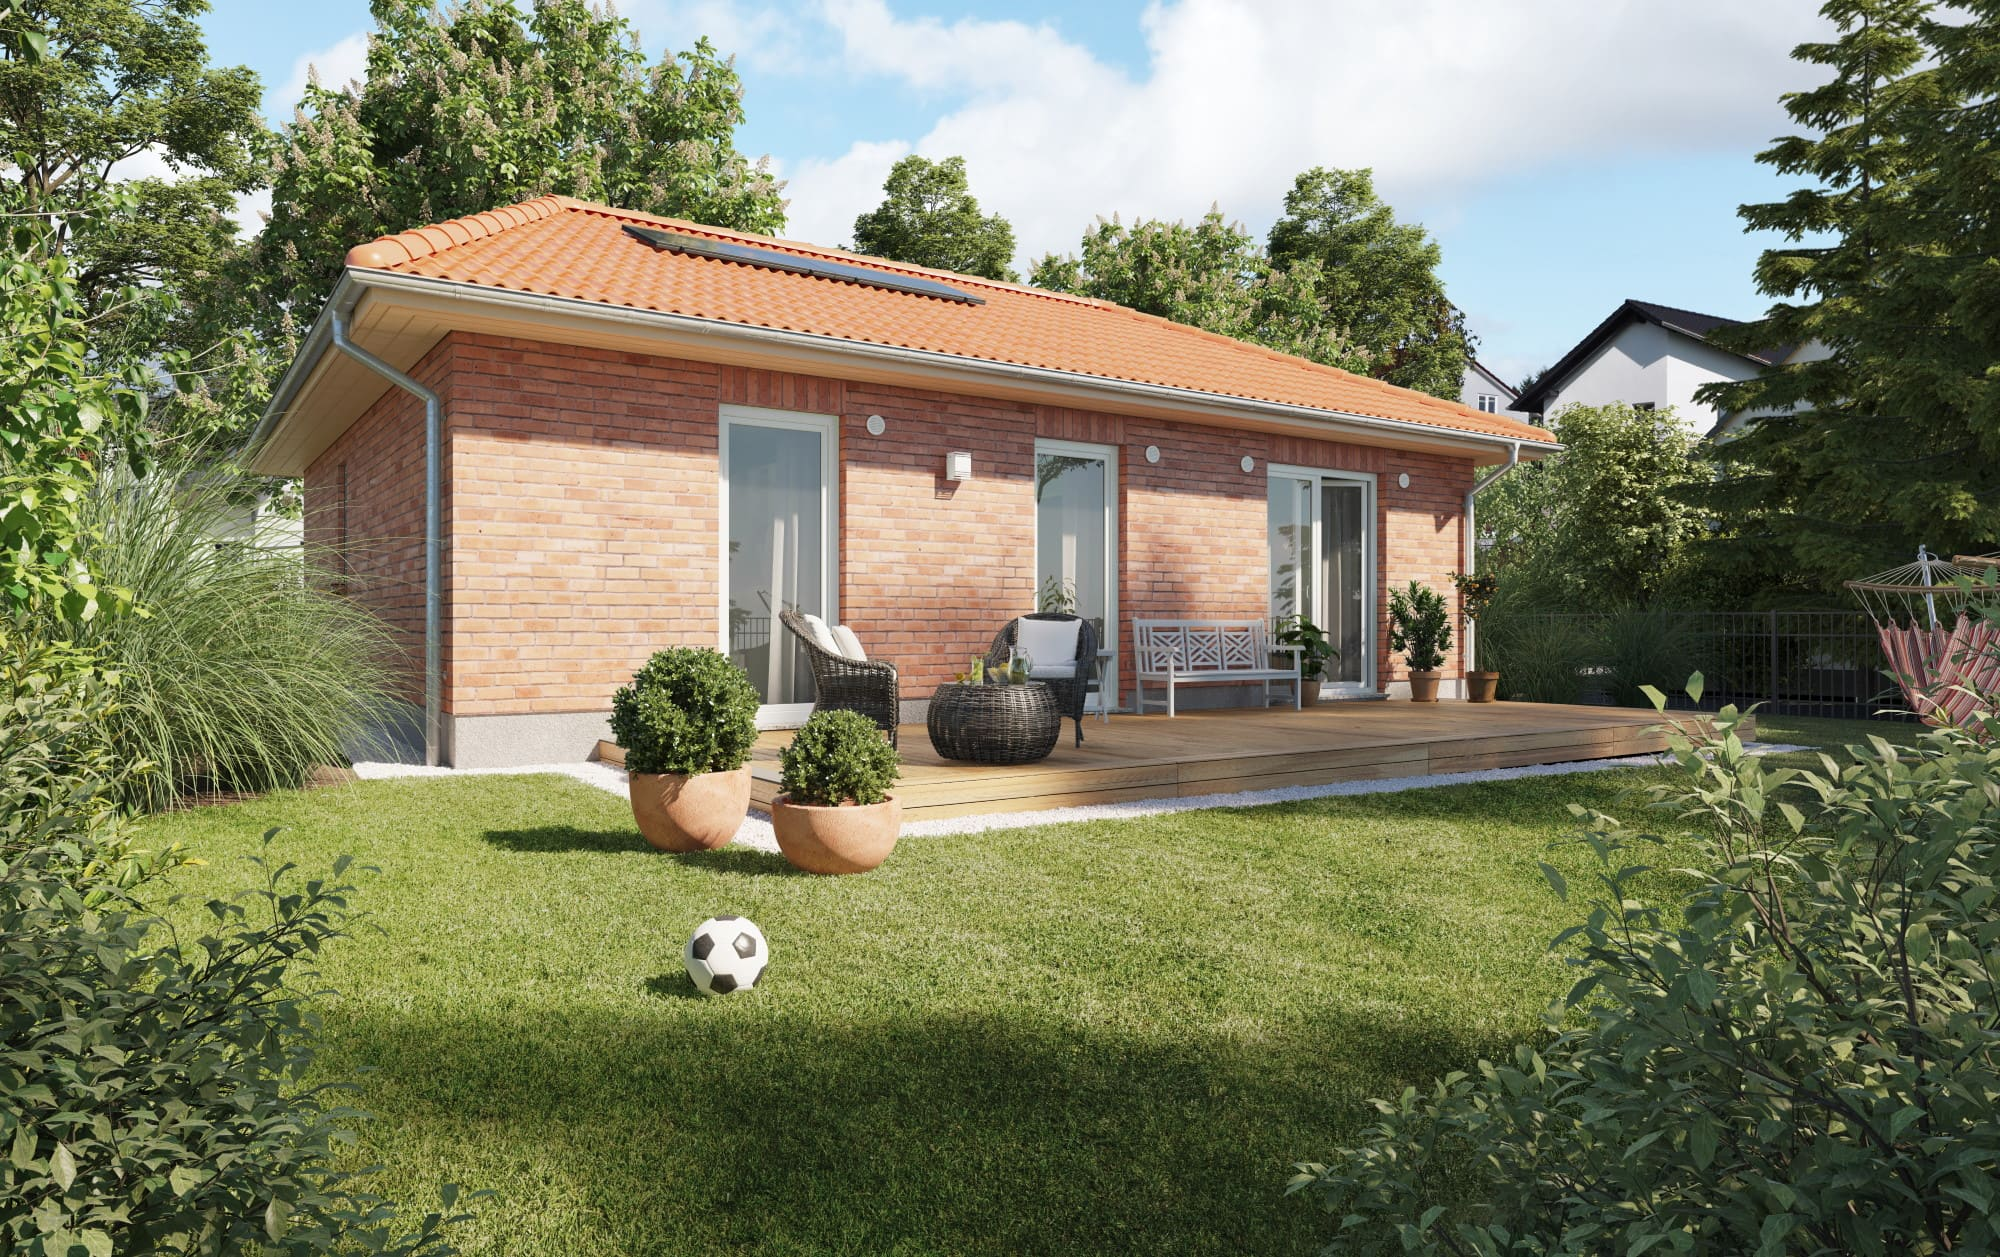 Bungalow Haus mit Klinker Fassade & Walmdach Architektur - Massivhaus bauen Ideen Town Country Haus Bungalow 78 - HausbauDirekt.de